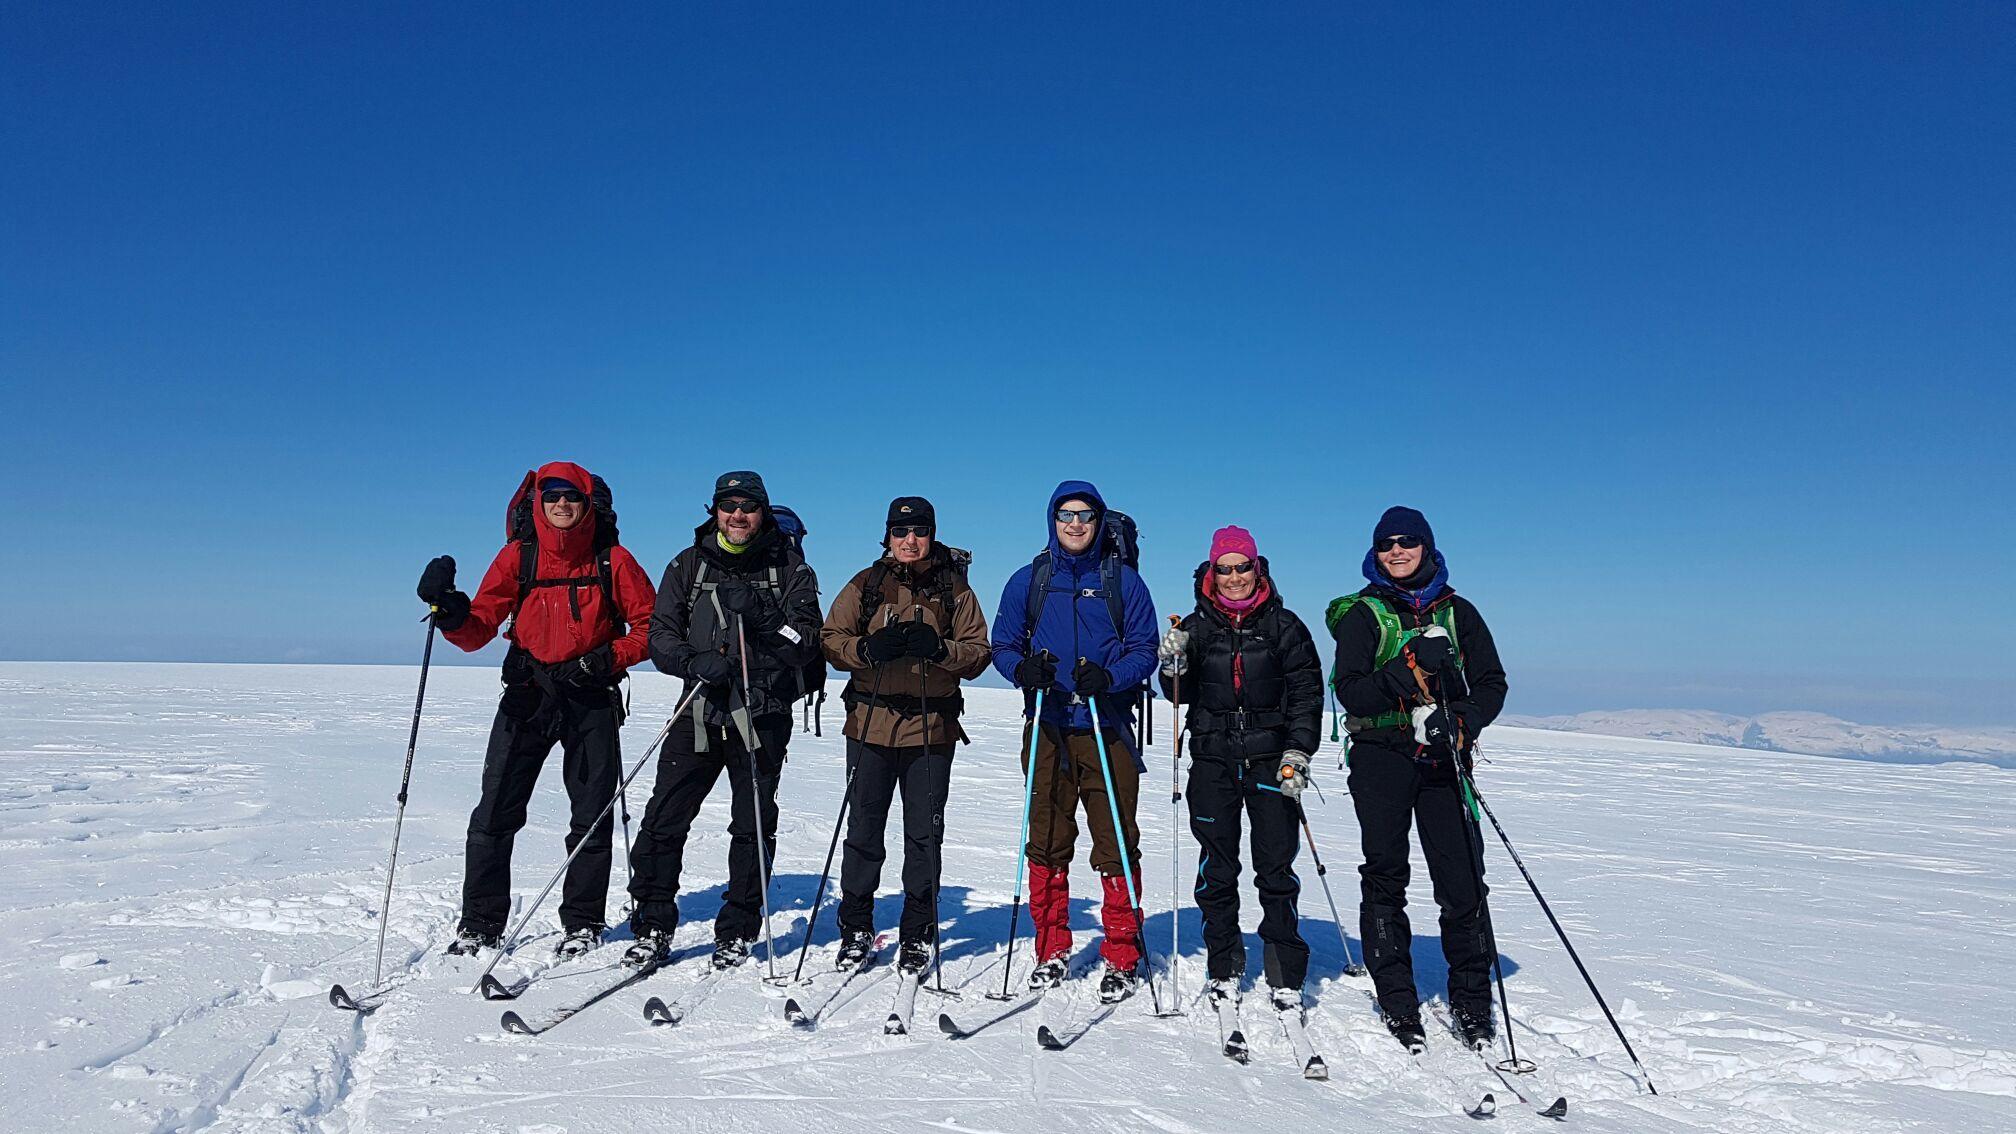 ut.no, utno, dnt, turistforeningen, fonnabu, kvinnherad, folgefonna, utpåtur, ulvang, haglofs, glacier, norwegian glacier, isbree, norsk isbree, winterwonderland, visitnorway, visit sunnhordaland, hike rosendal, hike norway, mountian hike, rosendal, rosendal norway, topptur, rosendal skifestival, folgefonna, signe schineller, snow, snowmotives, snømotiver, snøfonn, mestring, skitur,